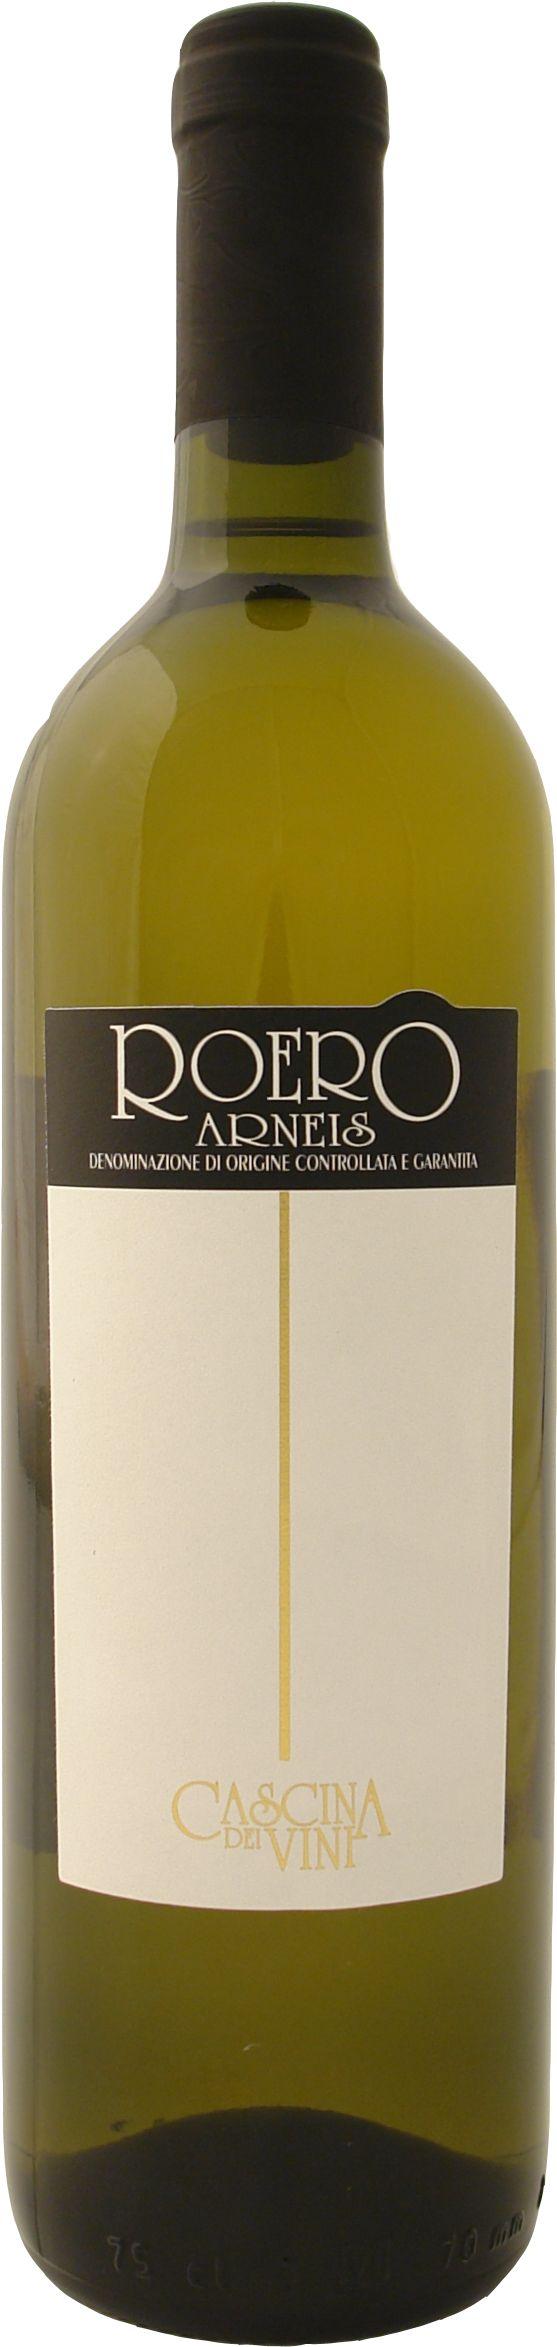 Roero Arneis DOCG - Cascina dei Vini - Bernard - Il Sapore della Natura